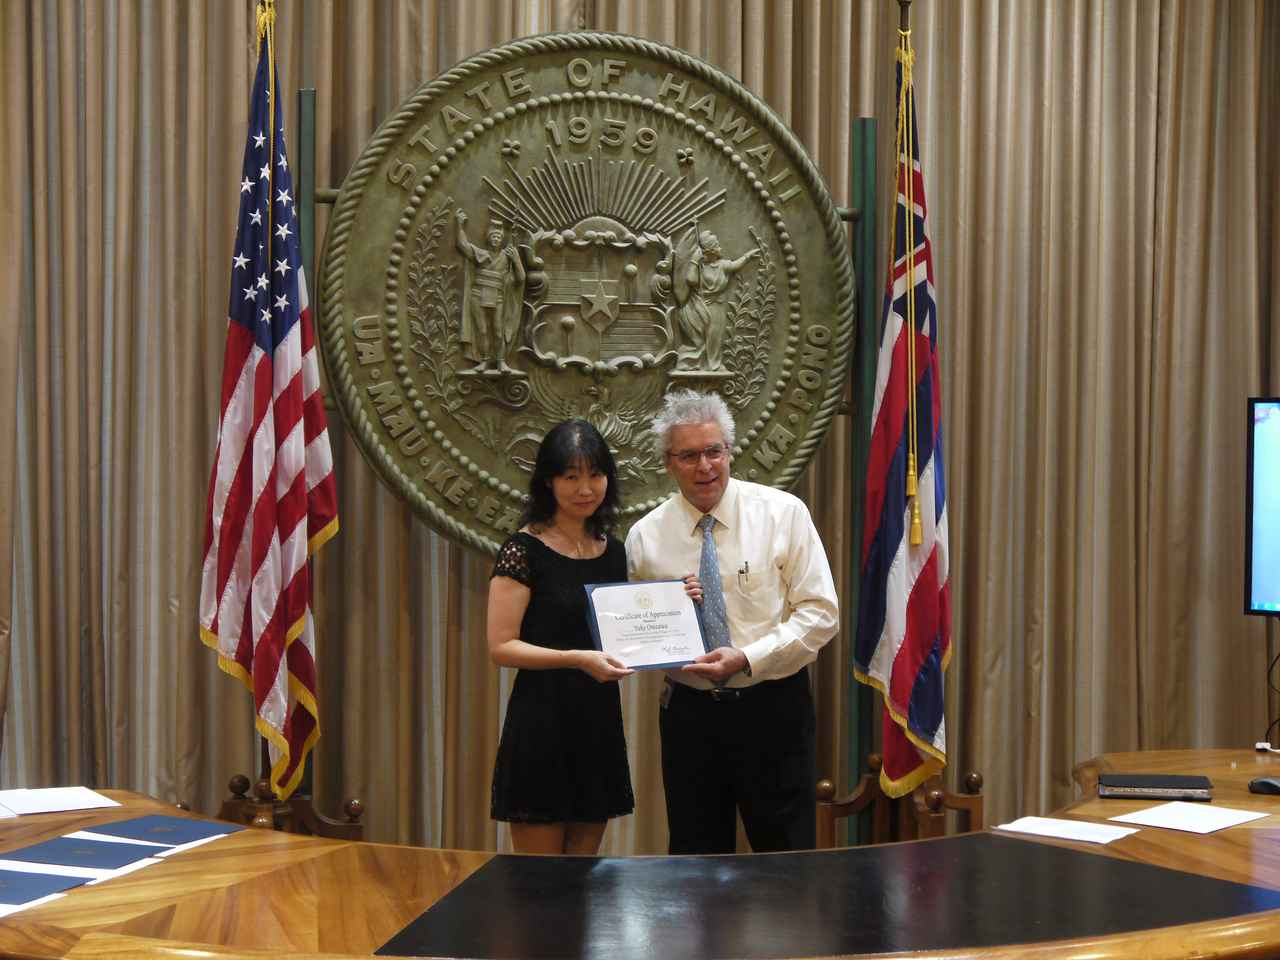 画像: ハワイ州知事オフィス 現在の州知事は沖縄にルーツを持つ日系人・デービッド・ユタカ・イゲ知事